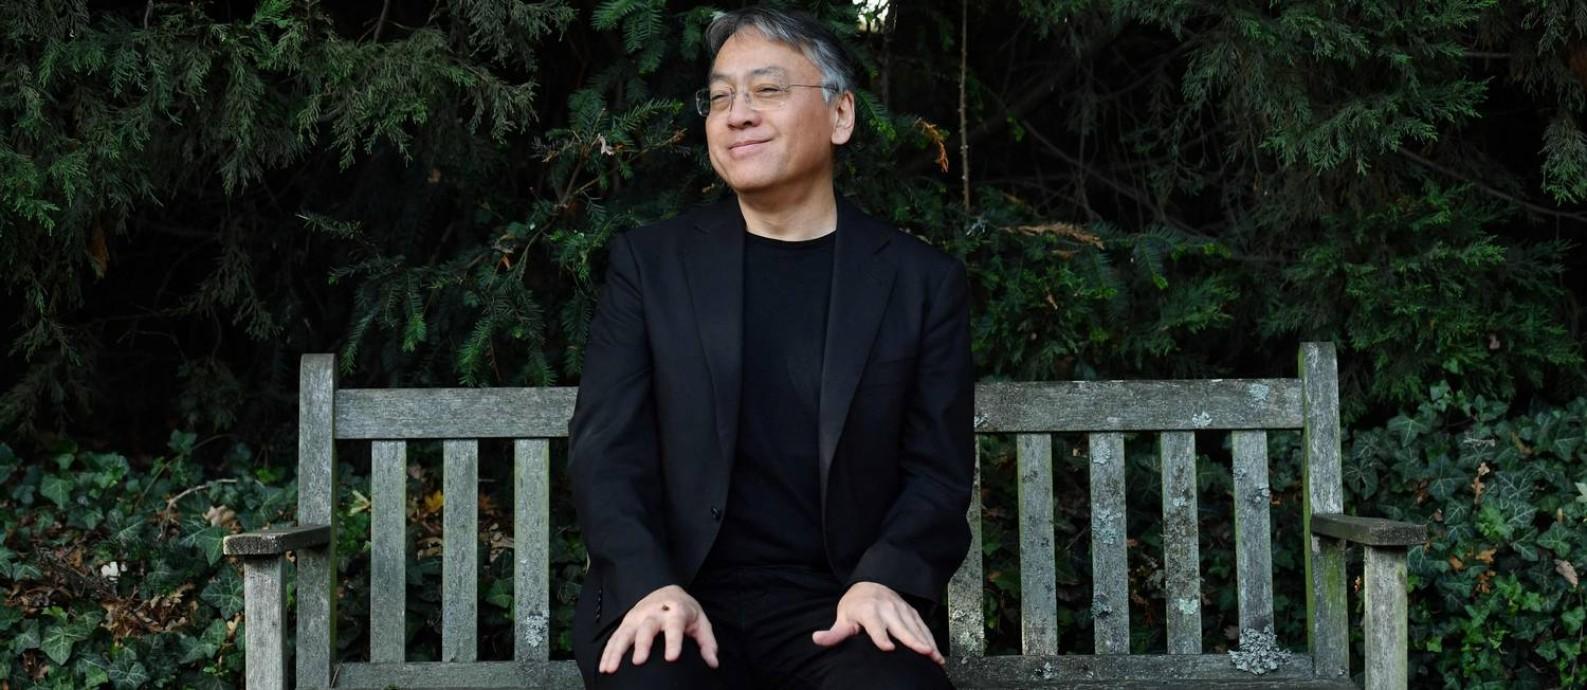 Kazuo Ishiguro vencedor do Prêmio Nobel de Literatura em 2017 Foto: BEN STANSALL / AFP